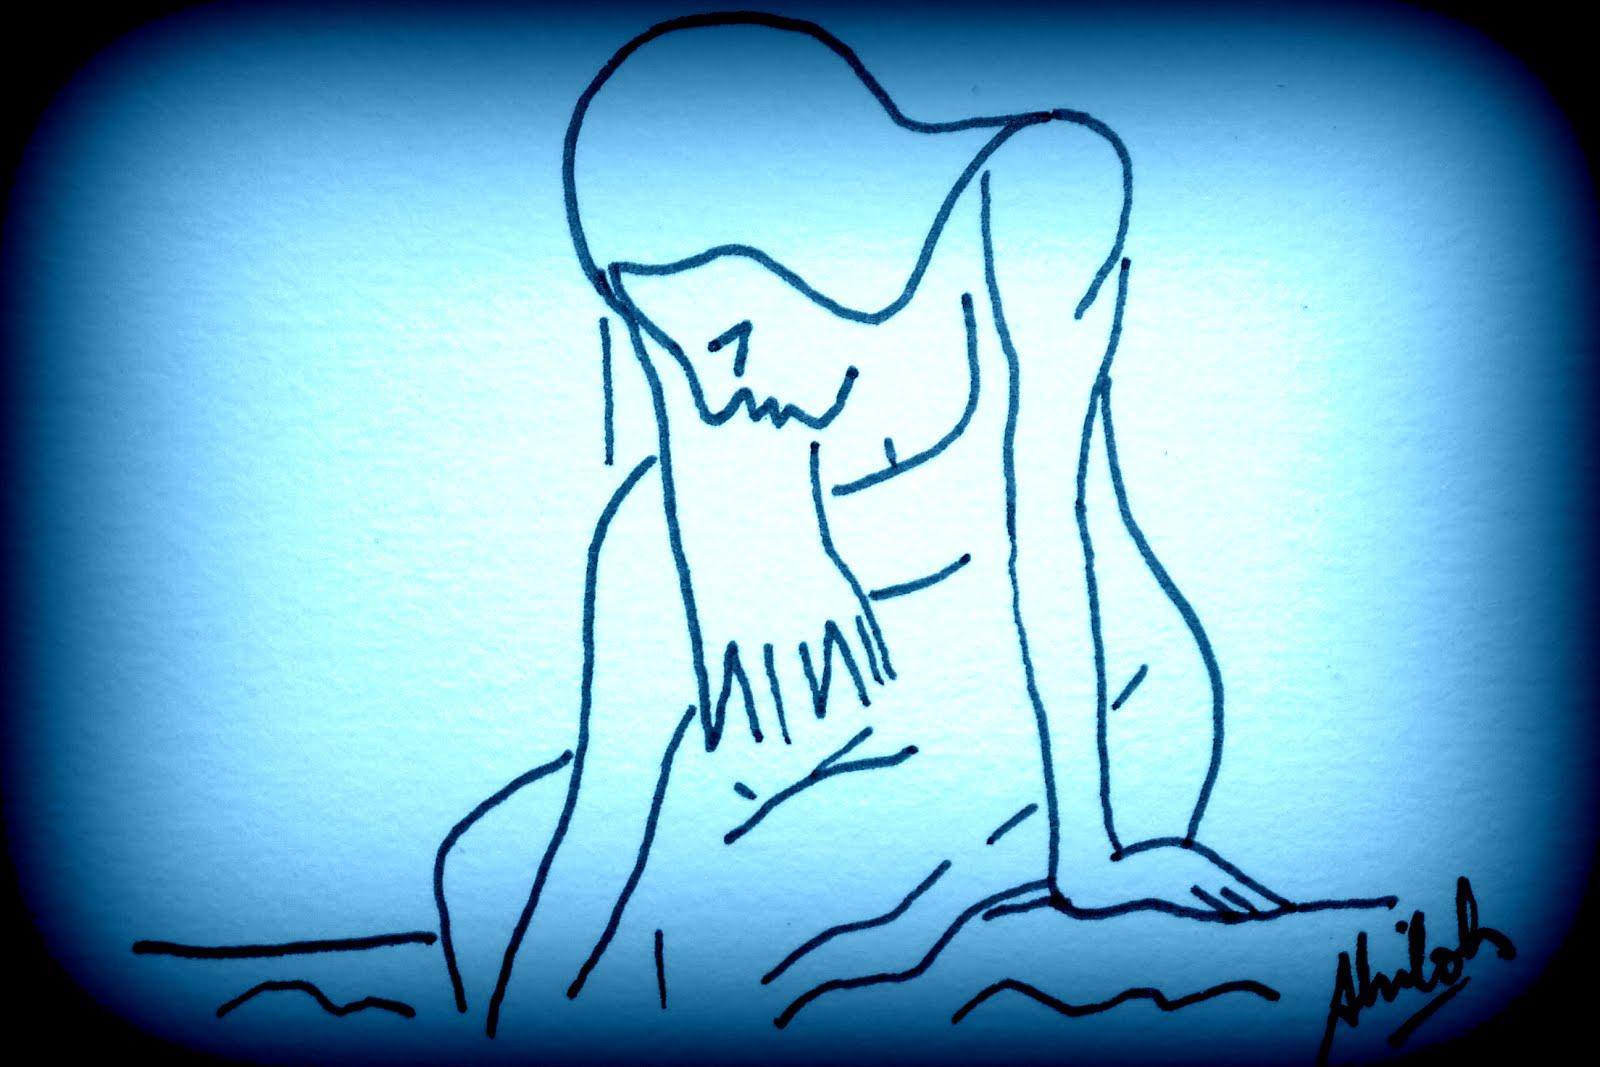 http://3.bp.blogspot.com/-ekneevvt-Q0/T25uU9XHtKI/AAAAAAAAAQE/pAd7xld7TWc/s1600/JulietBoostWCorners.jpg